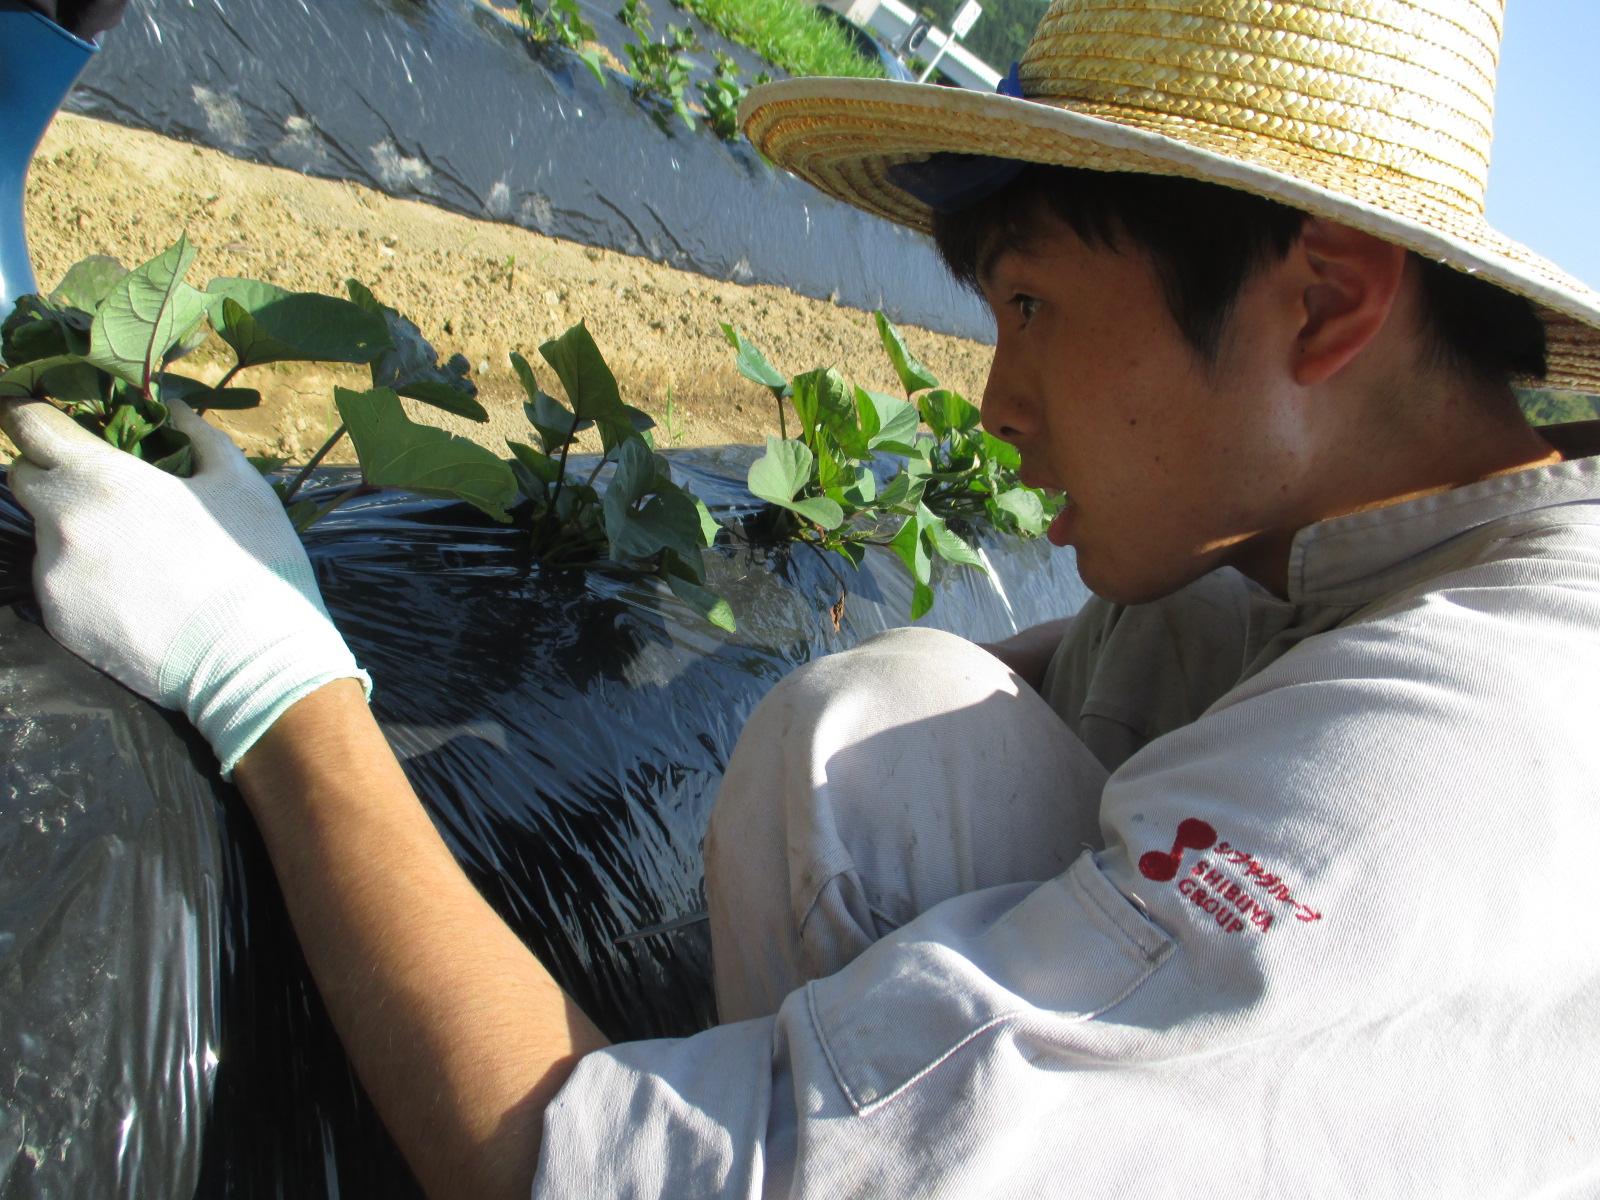 【年間休日105日/農業】畑の土作りからさつま芋苗の植付、収穫・出荷まで